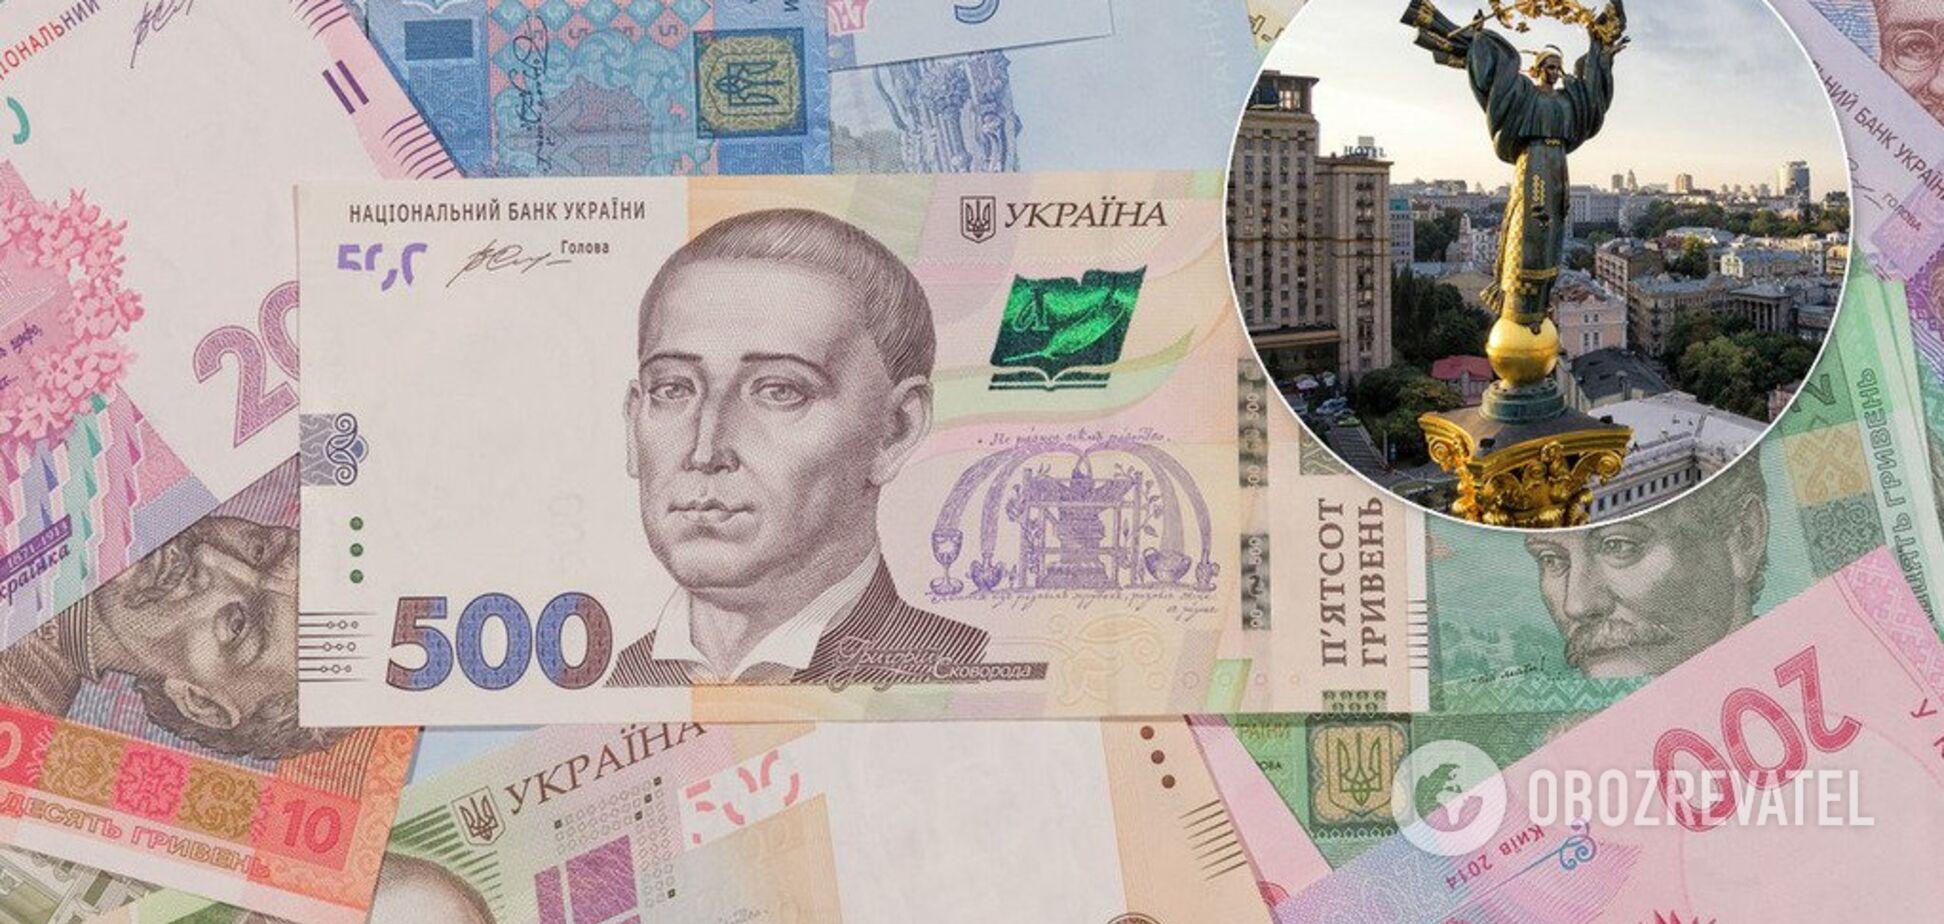 Украина остановила бюджетные выплаты: в Минфине назвали причину